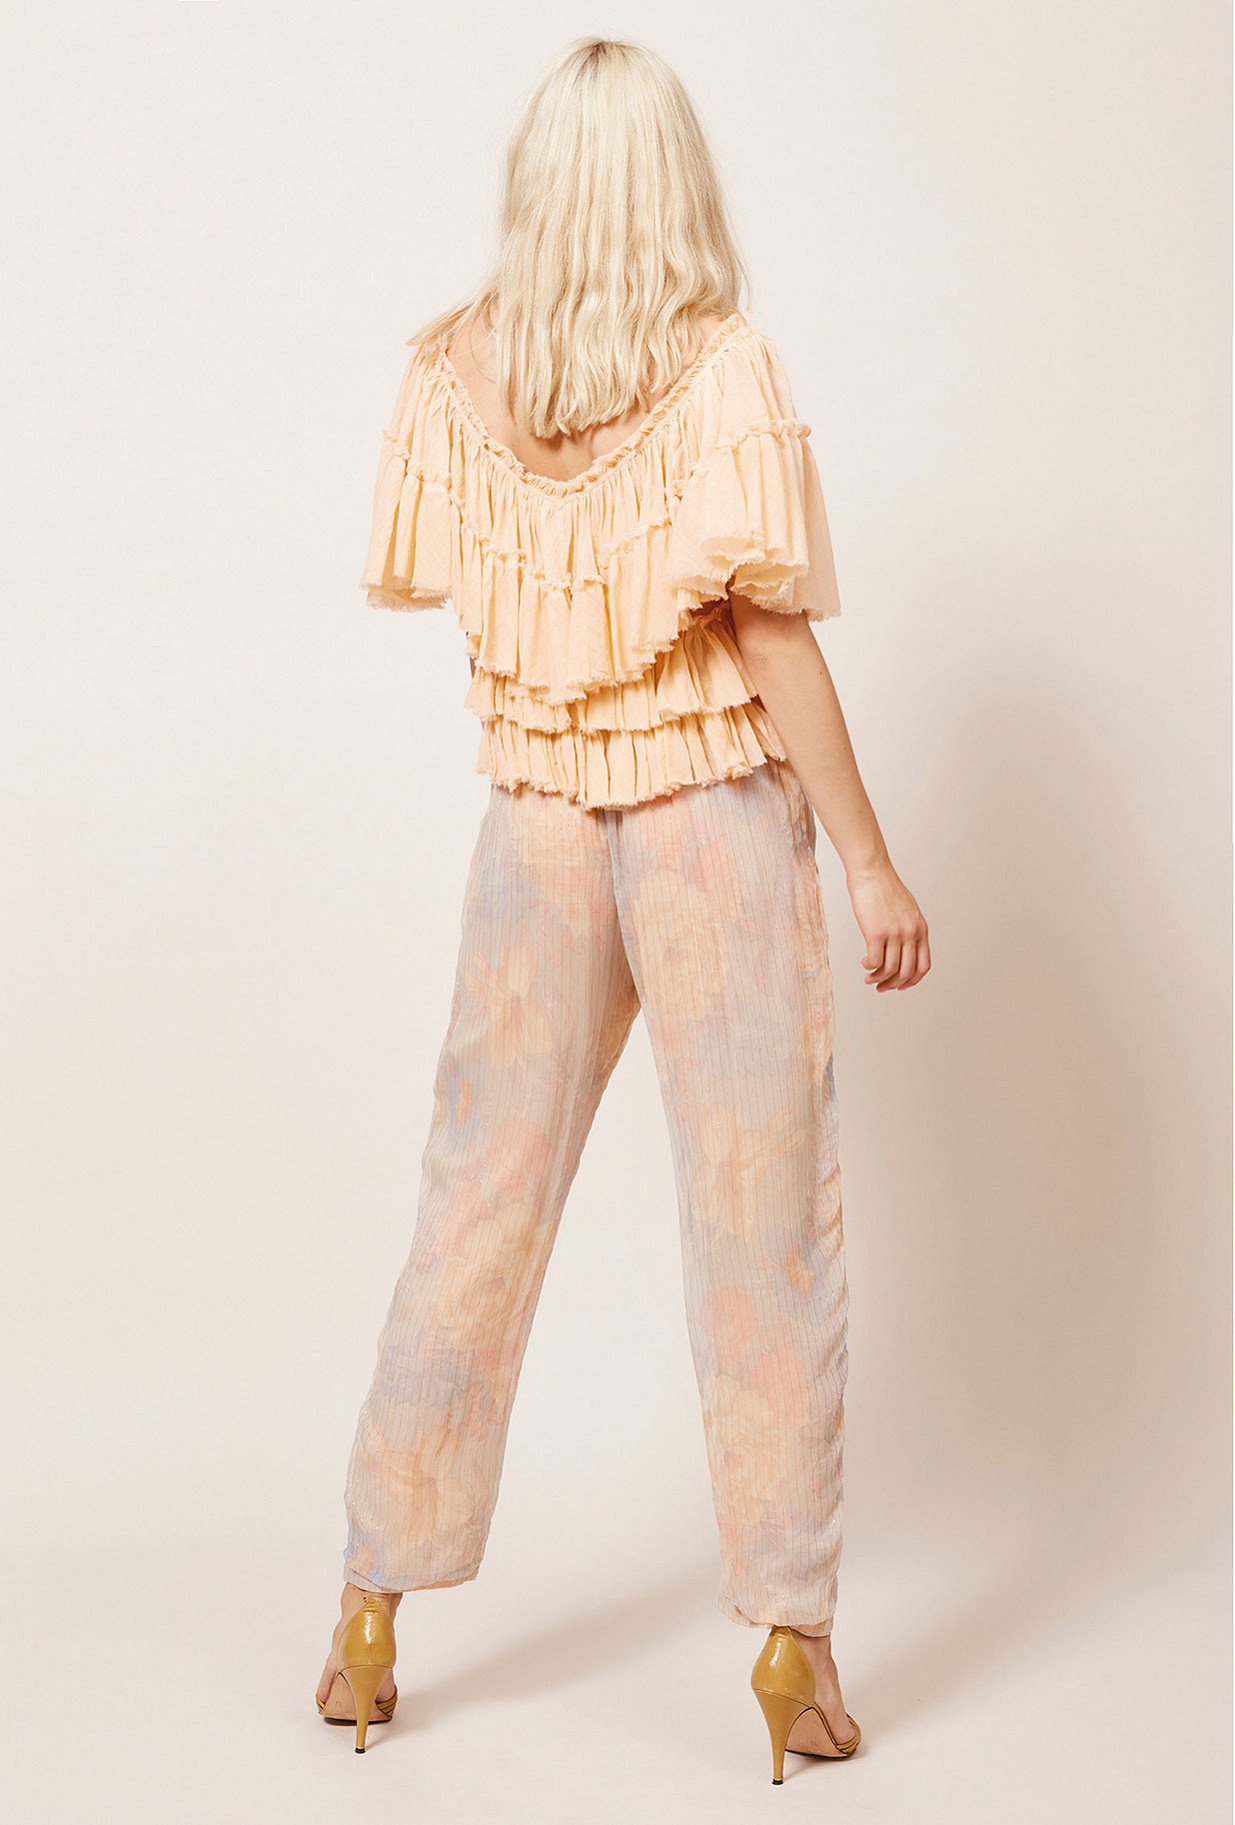 Paris boutique de mode vêtement Top créateur bohème  Orphee